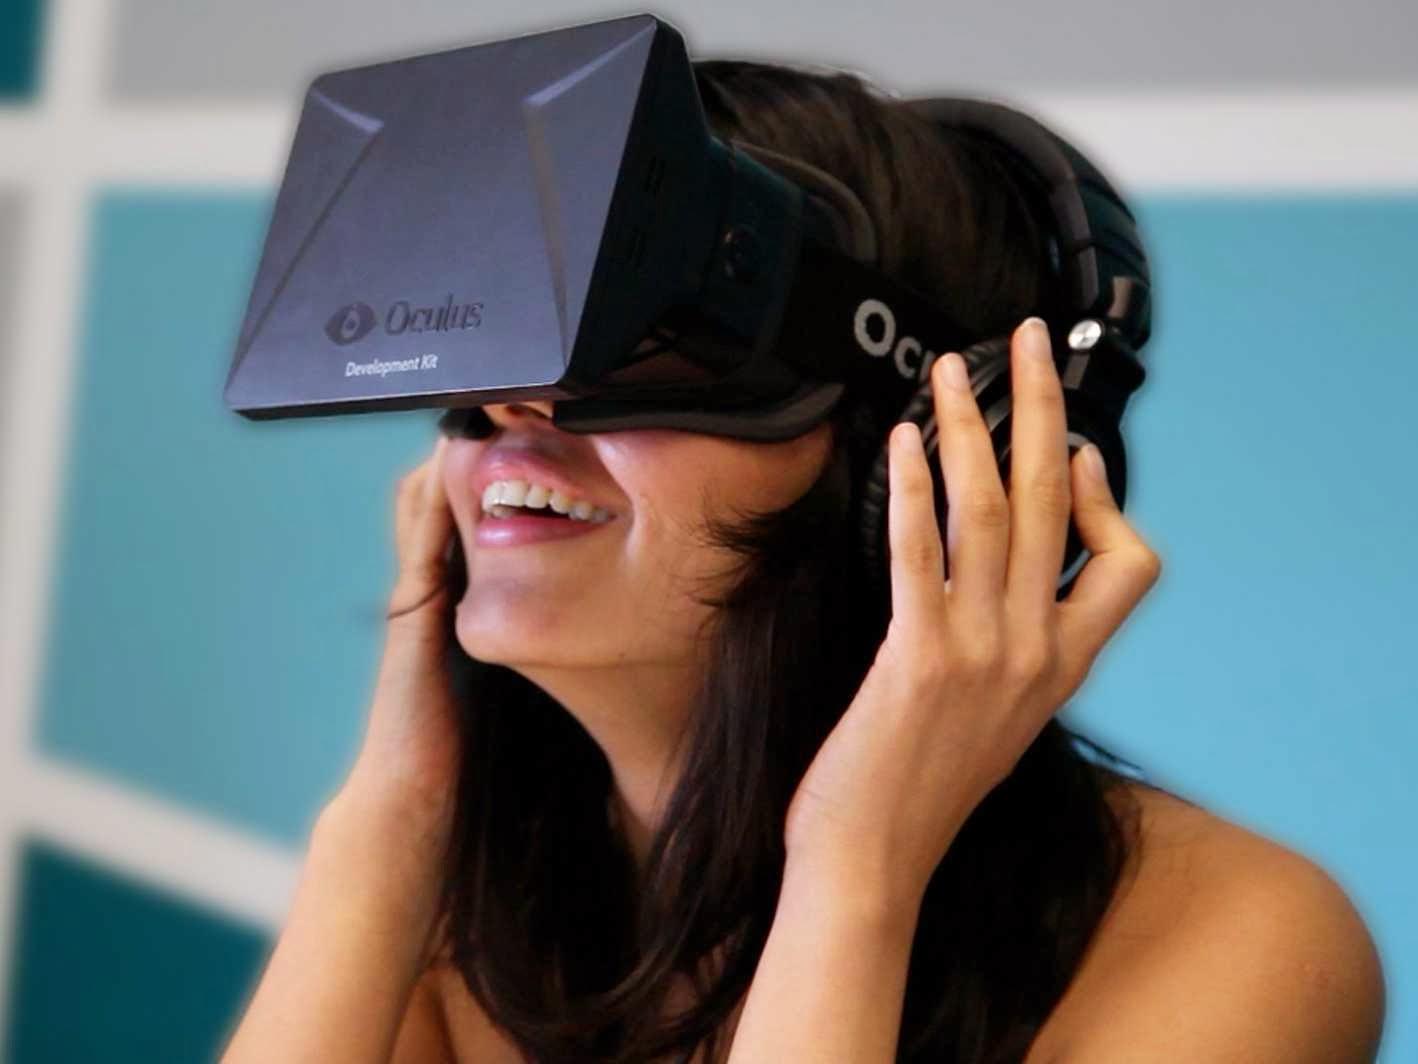 Oculus-Rift-Techzilla Firefox